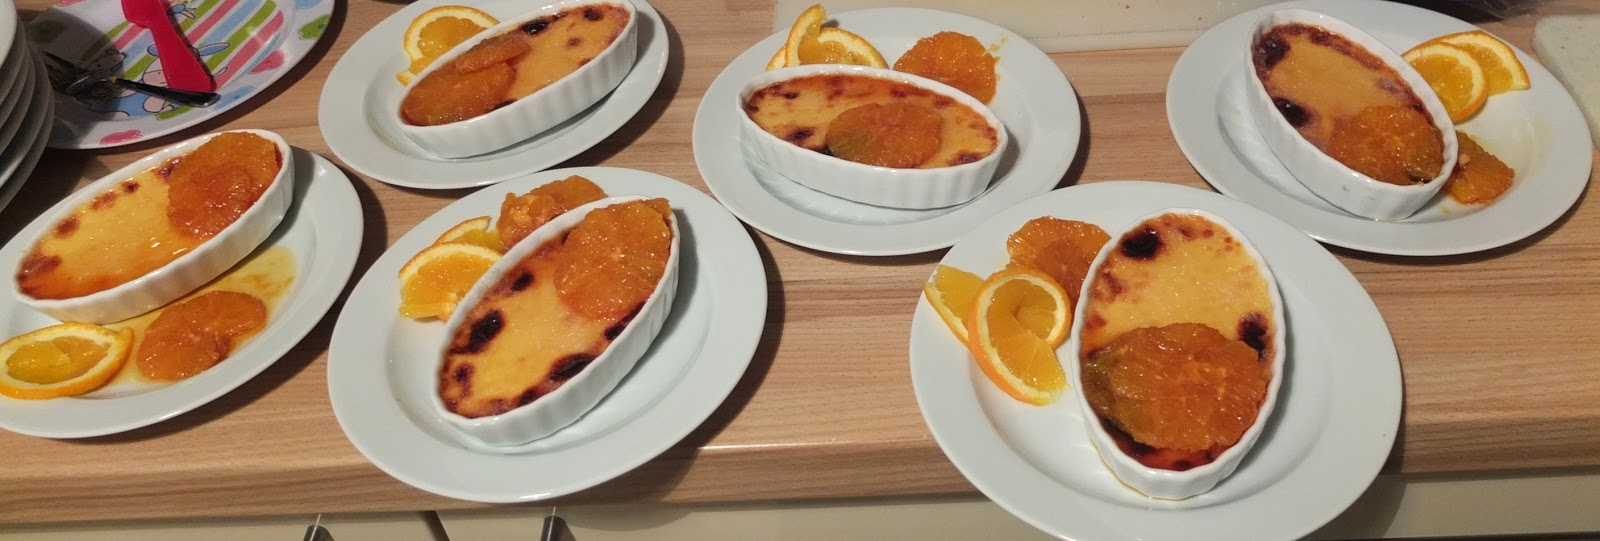 Pâtisserie nadine: crème brûlée mit karamellisierten orangen